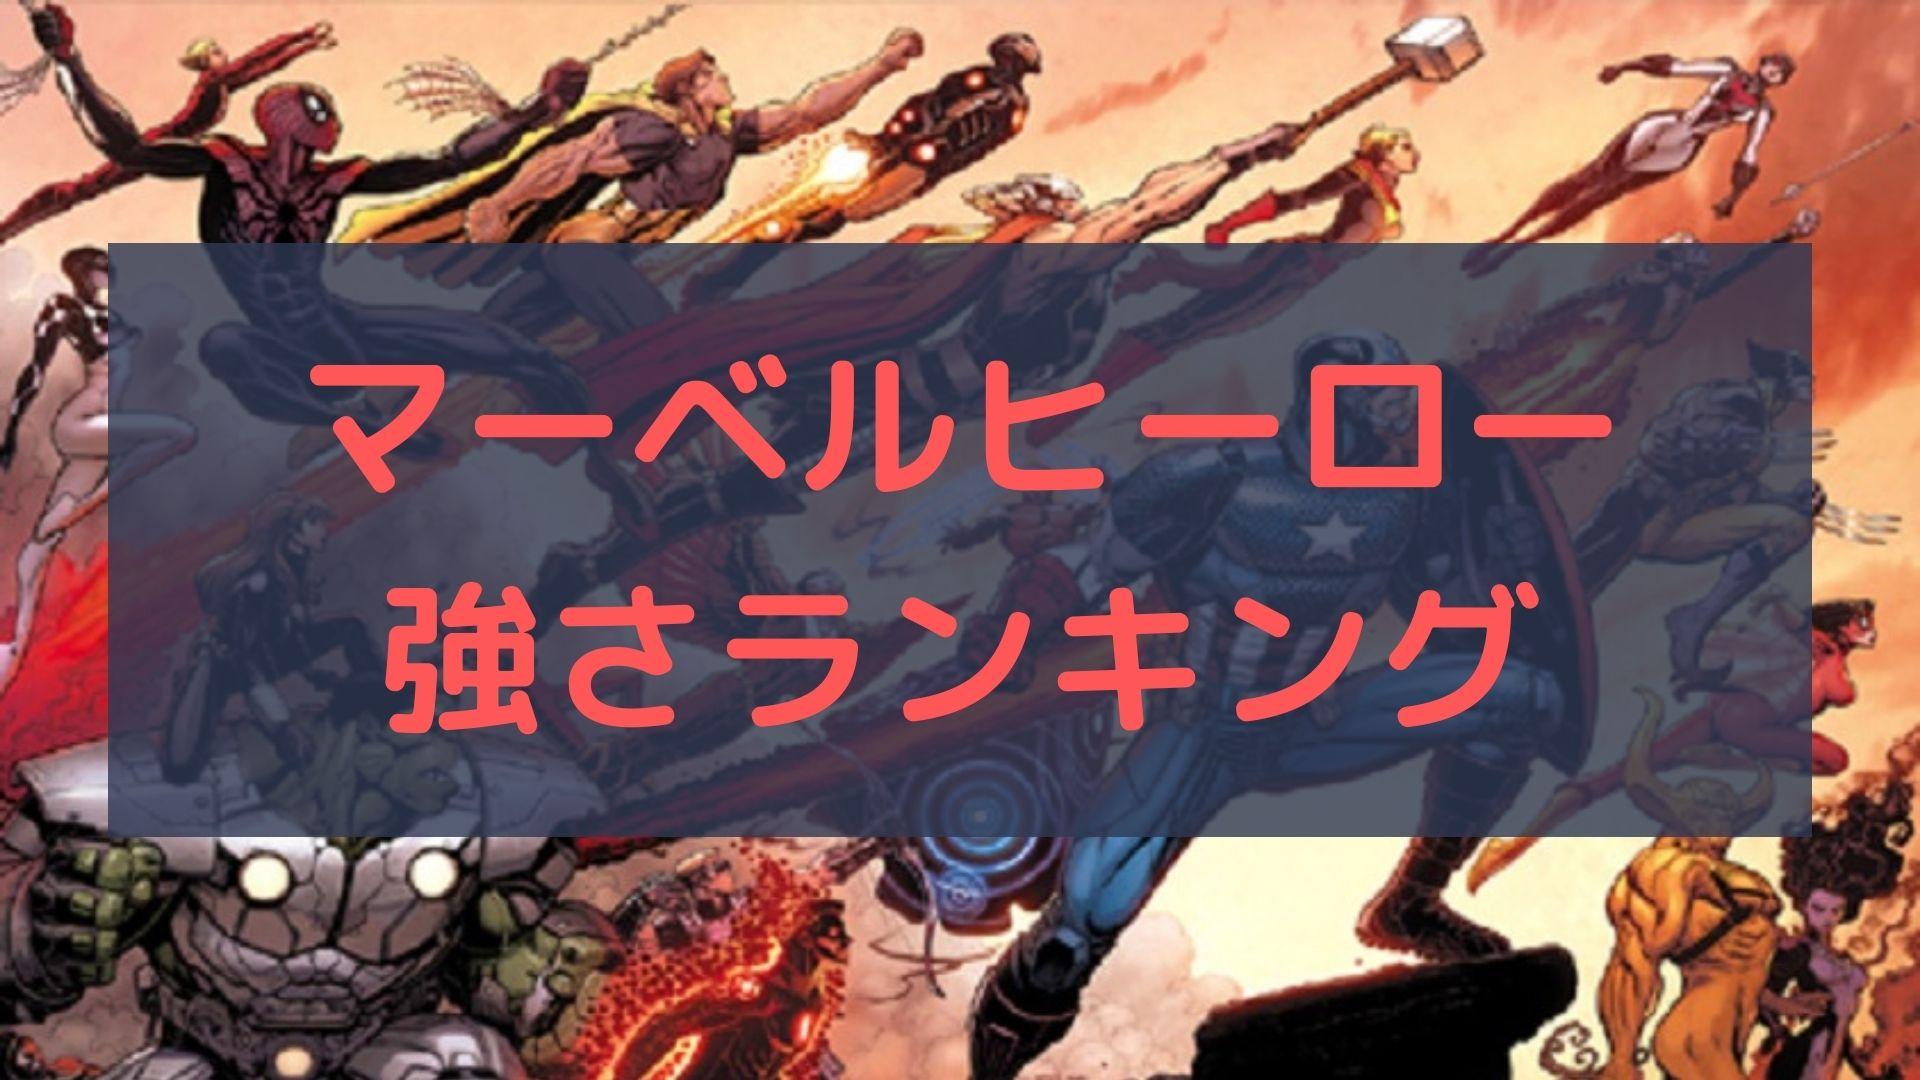 【まとめ】マーベル作品におけるヒーローの強さランキング!【原作】